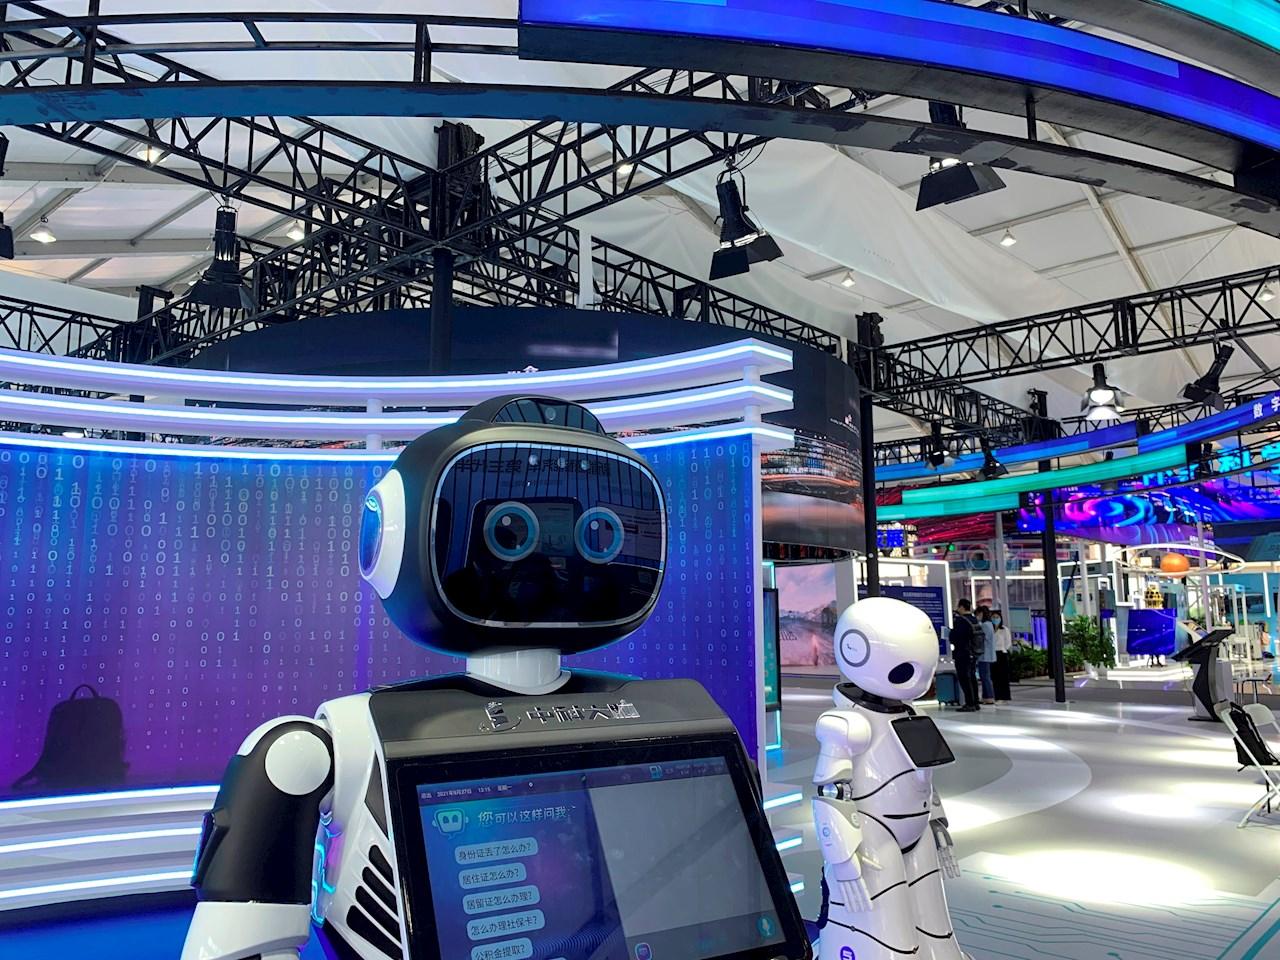 Fábricas inteligentes y robots destacan en foro del 'Silicon Valley de Pekín'